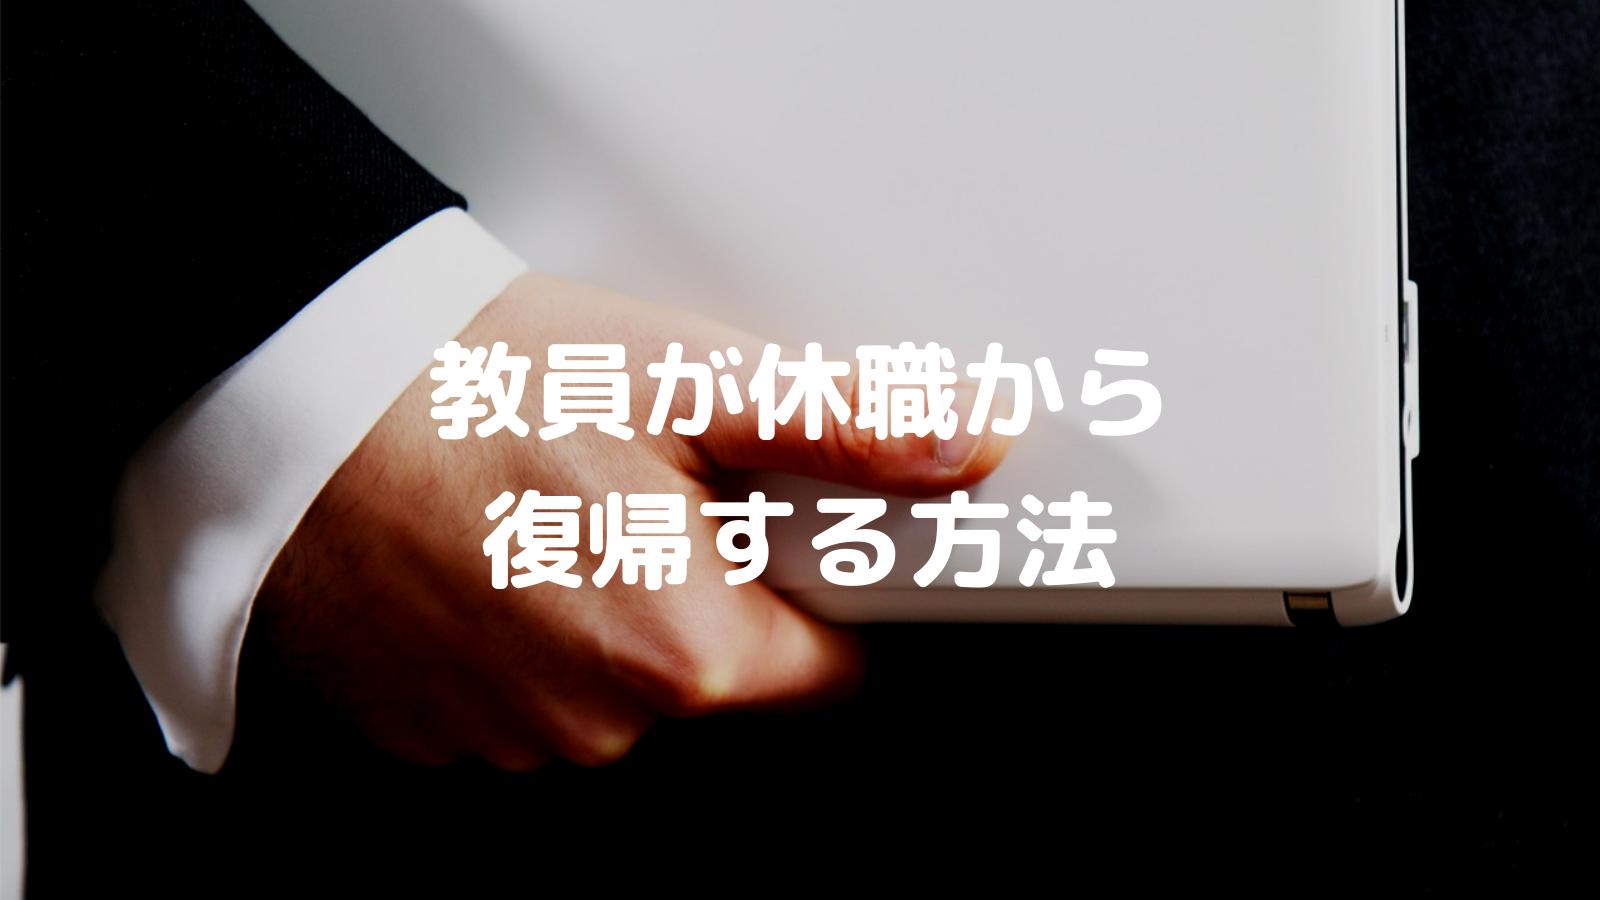 教員が休職から復帰する方法   パニうつみほ先生のブログ